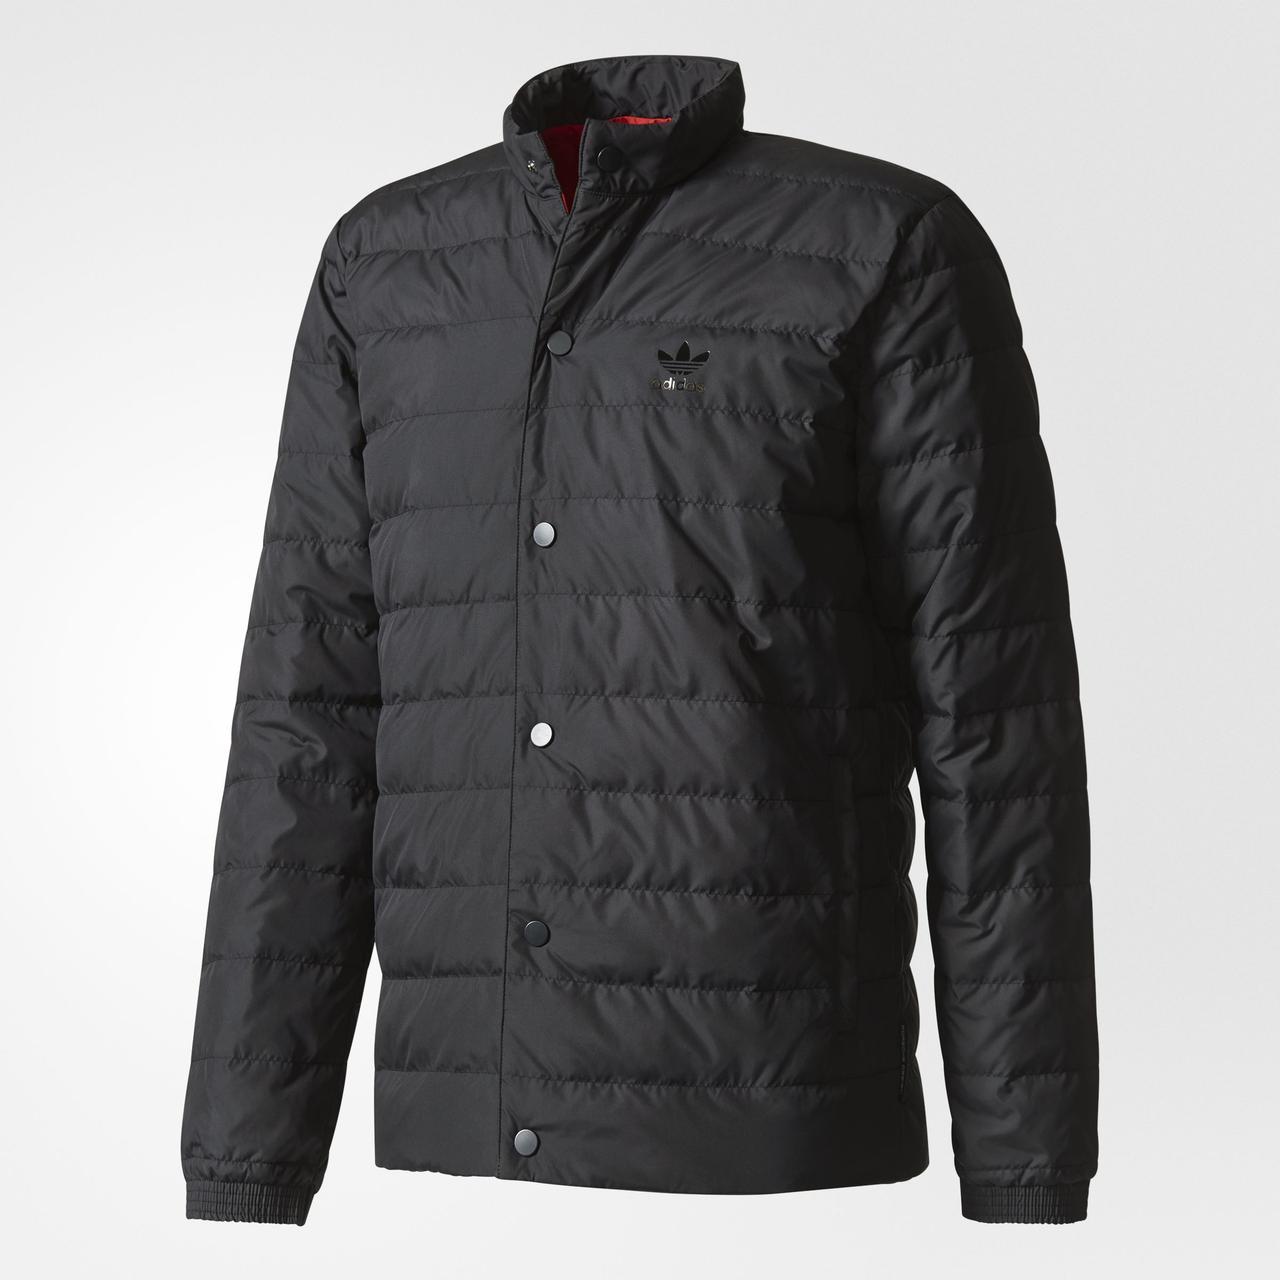 Мужская зимняя куртка adidas PORSCHE TYP 64 BQ5089  продажа, цена в ... fb48221ec30